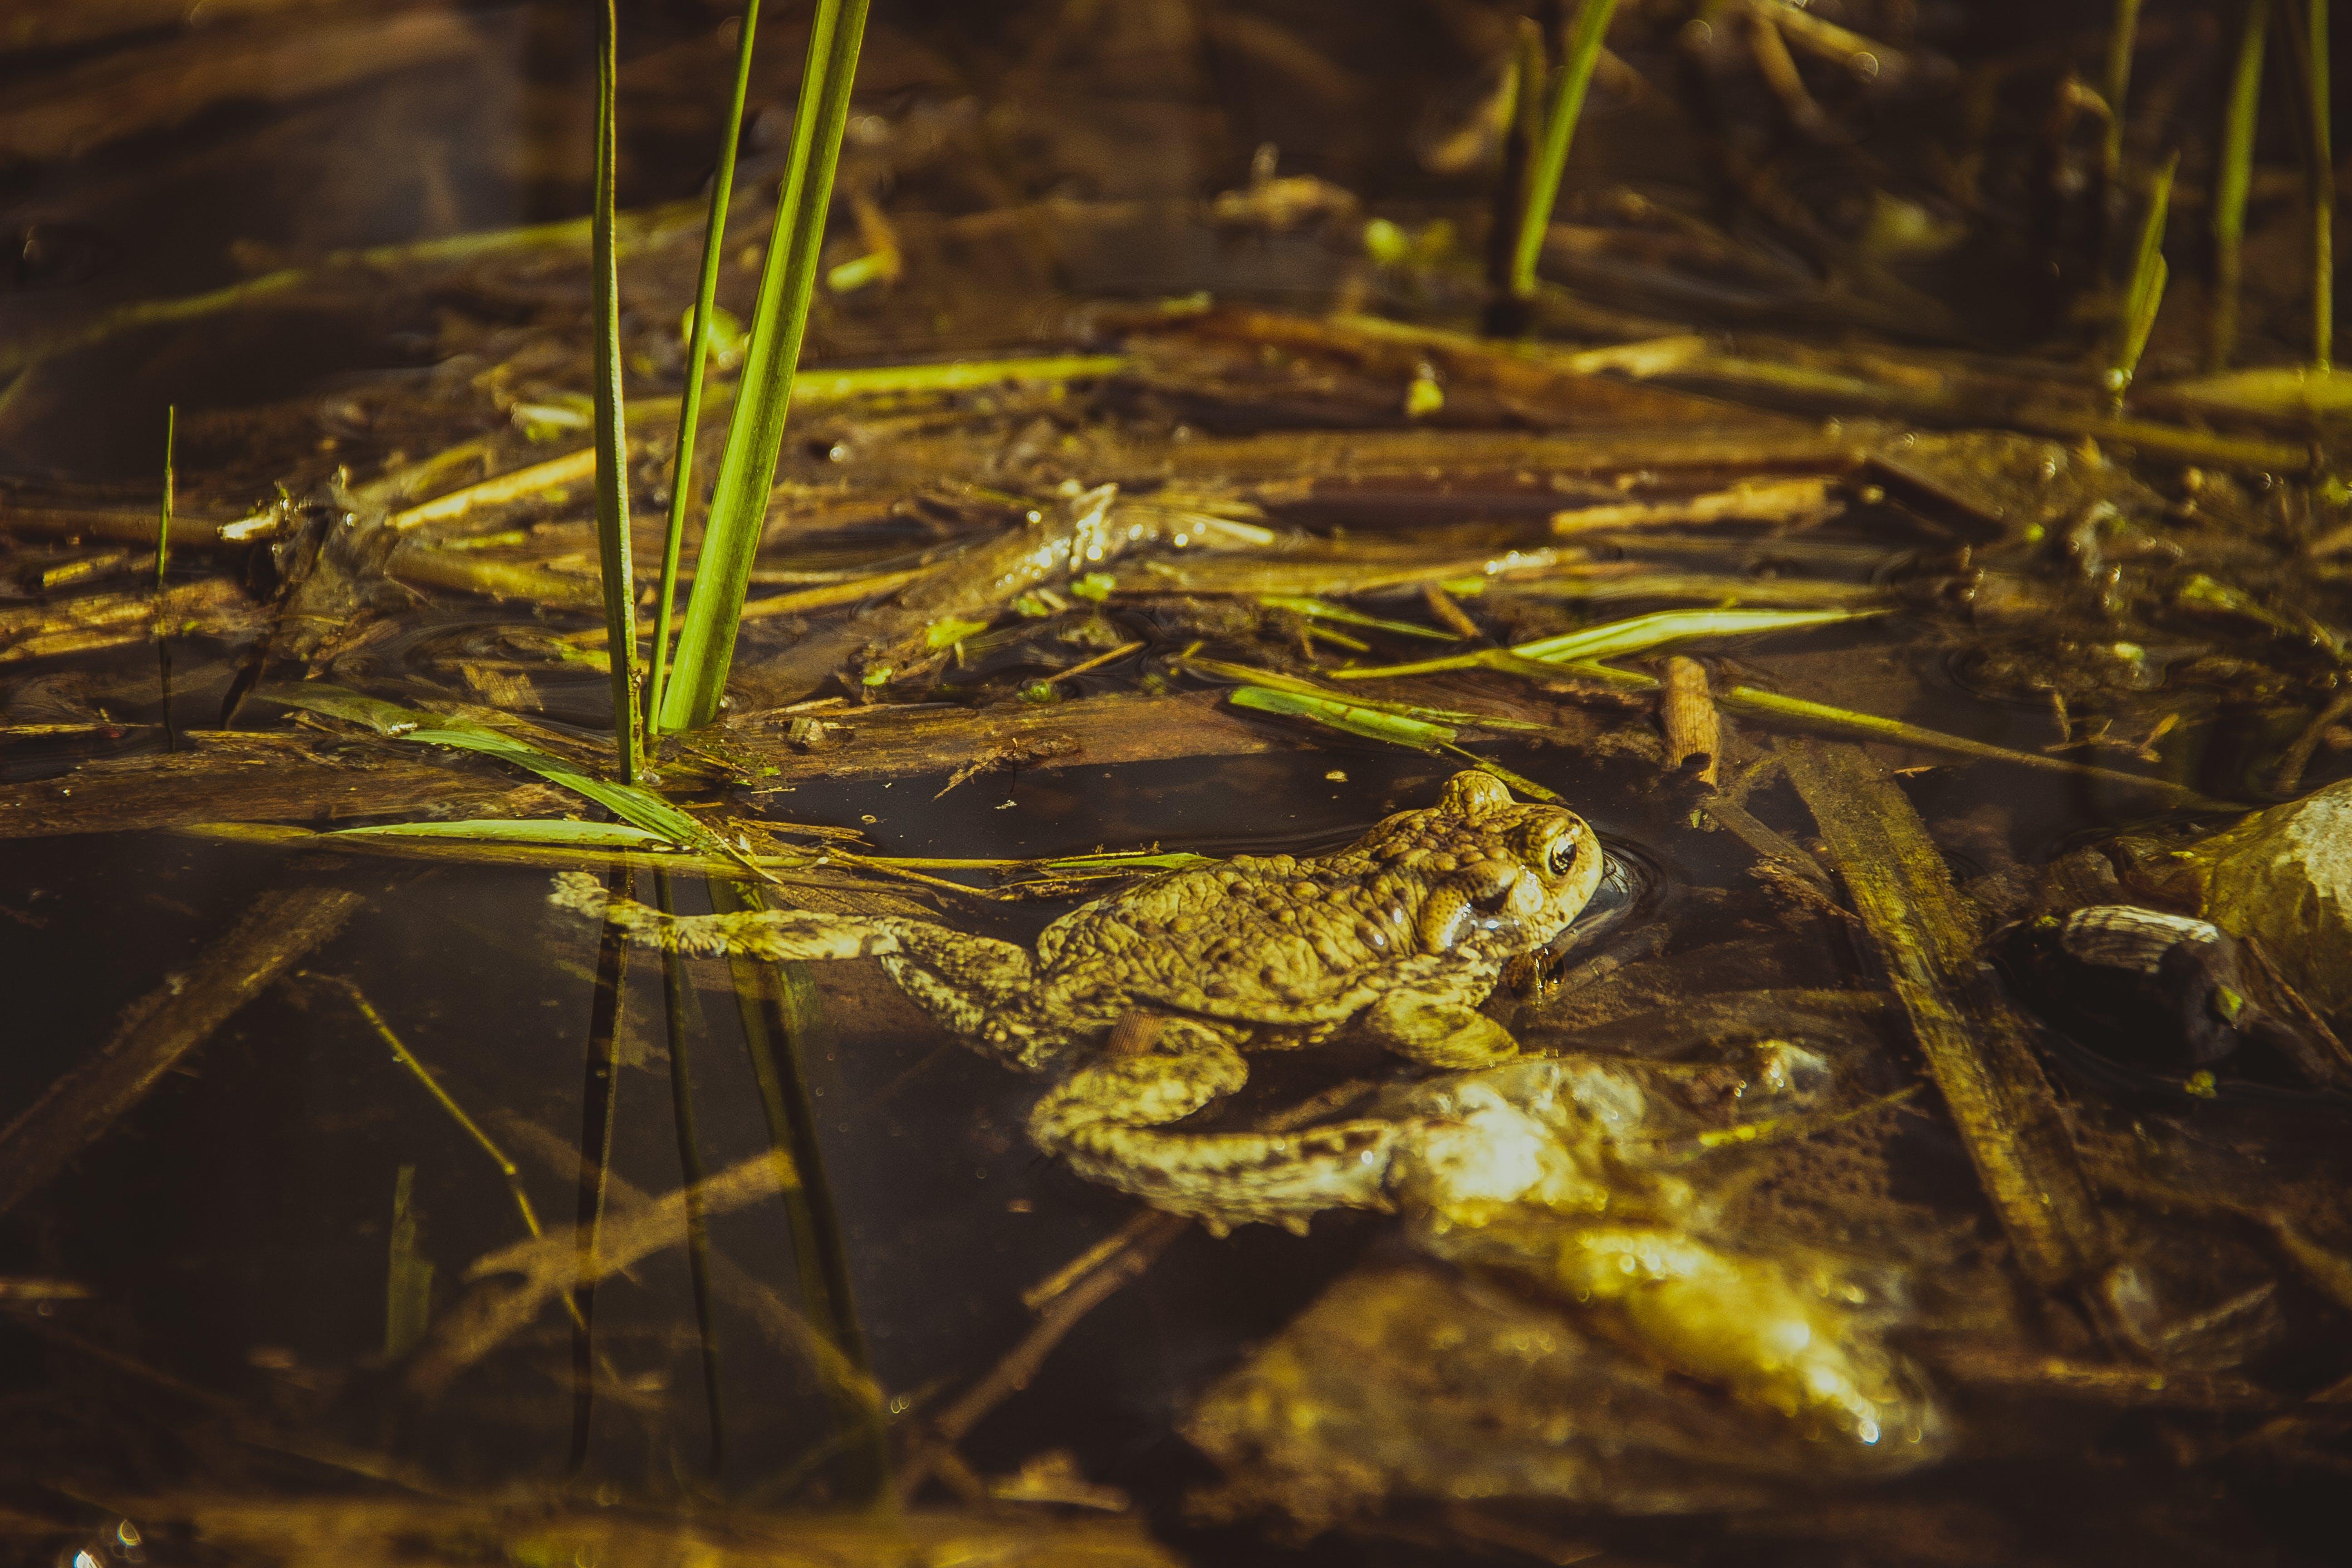 Brown Frog Beside Green Grass